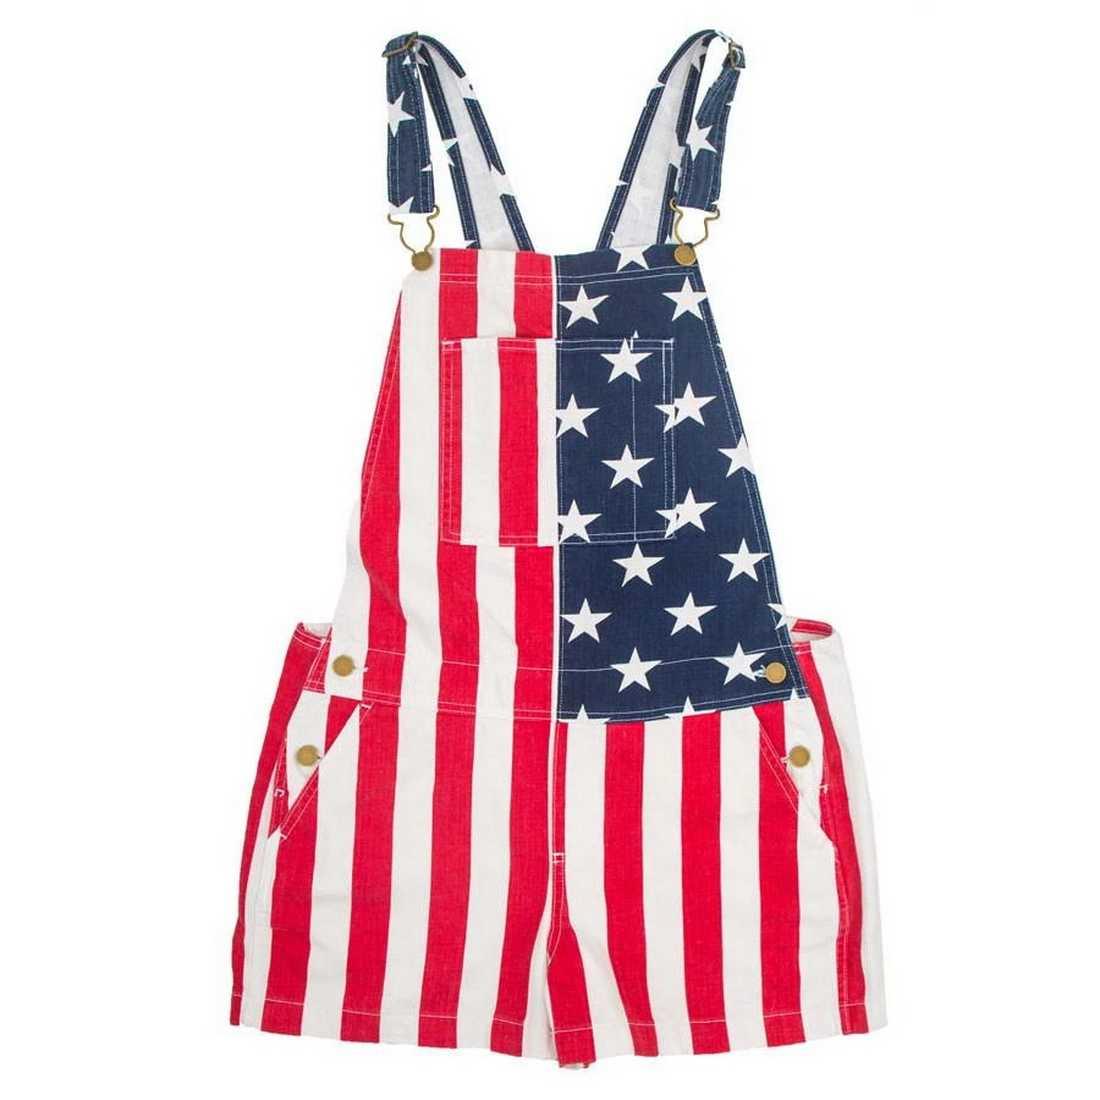 Kadın erkek Denim tulum kot şort amerikan bayrağı baskı rahat çift tulum şort Romper kısa pantolon Streetwear